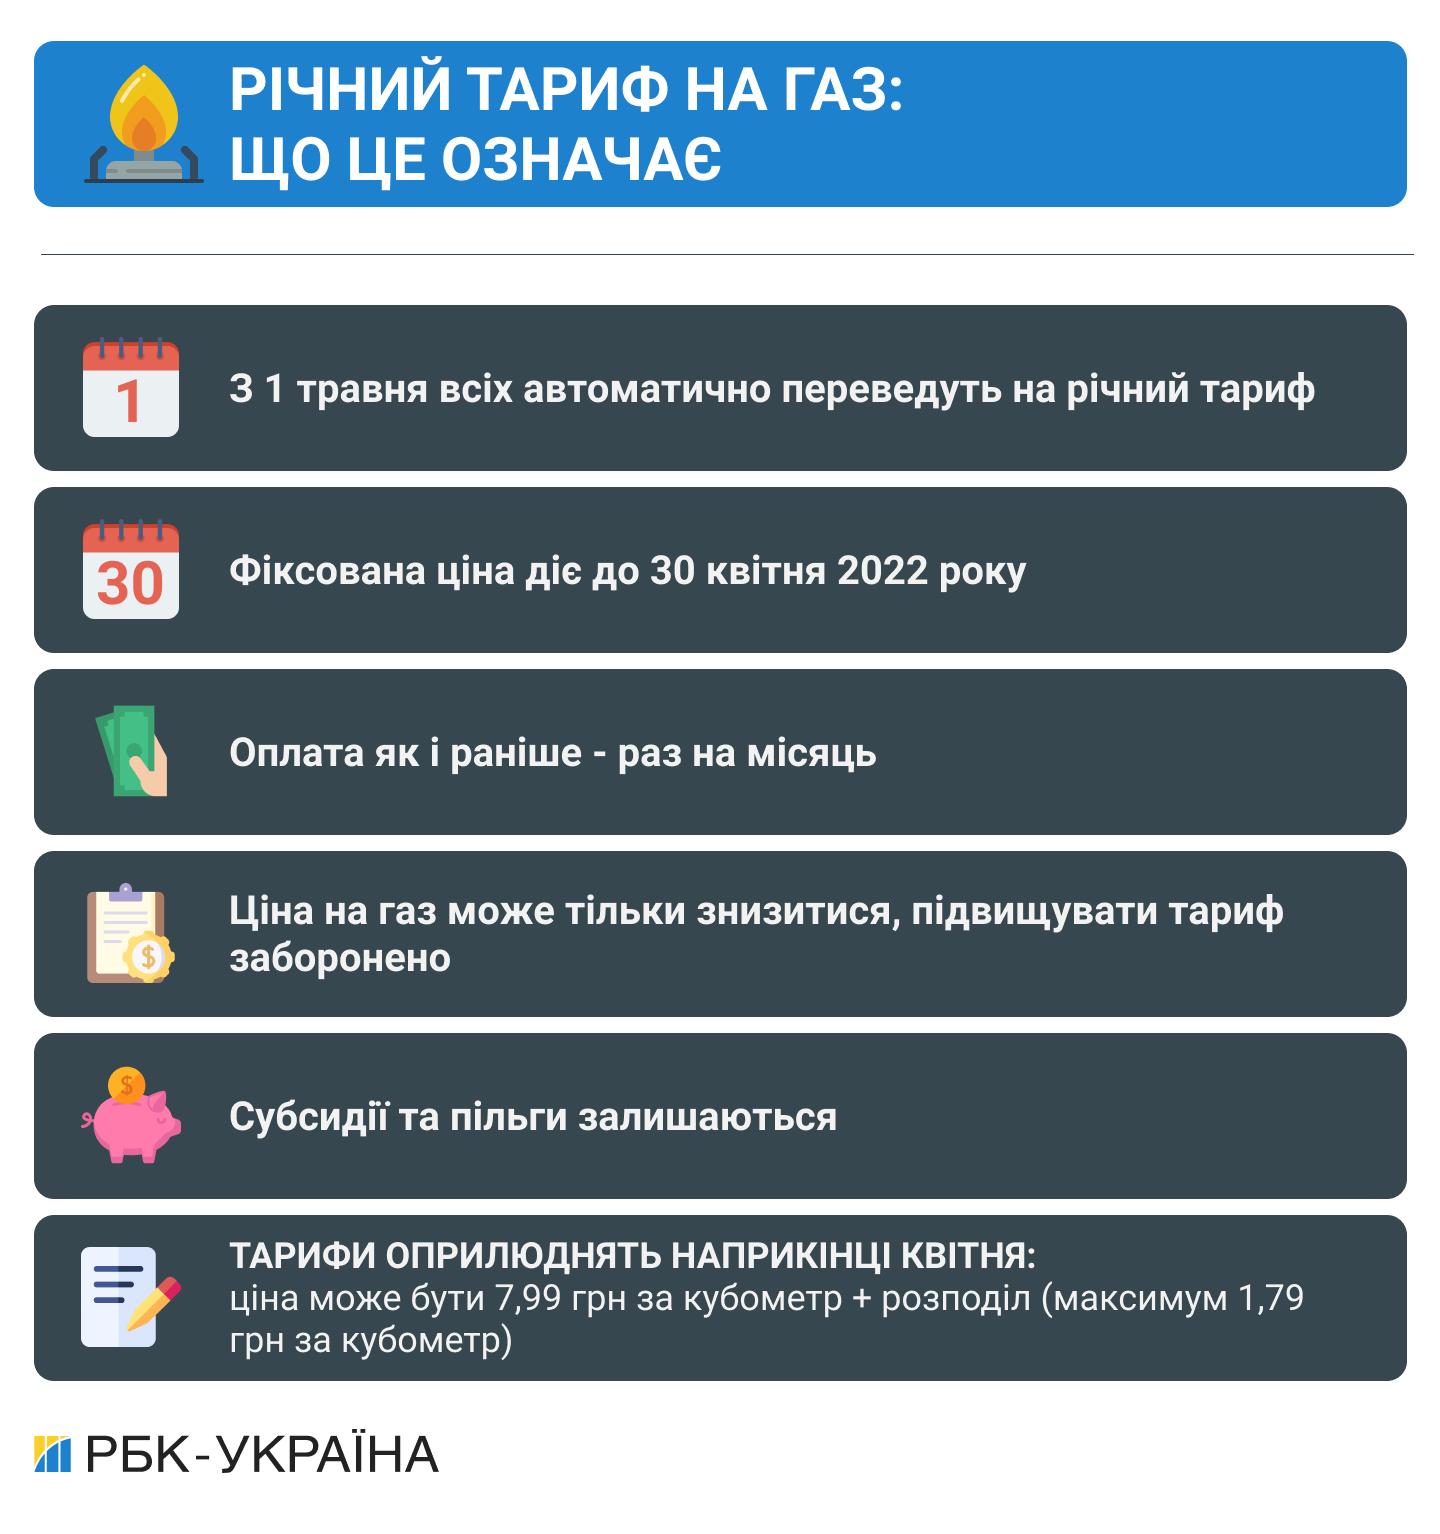 Річний тариф на газ і субсидії за новими правилами: що зміниться з 1 травня